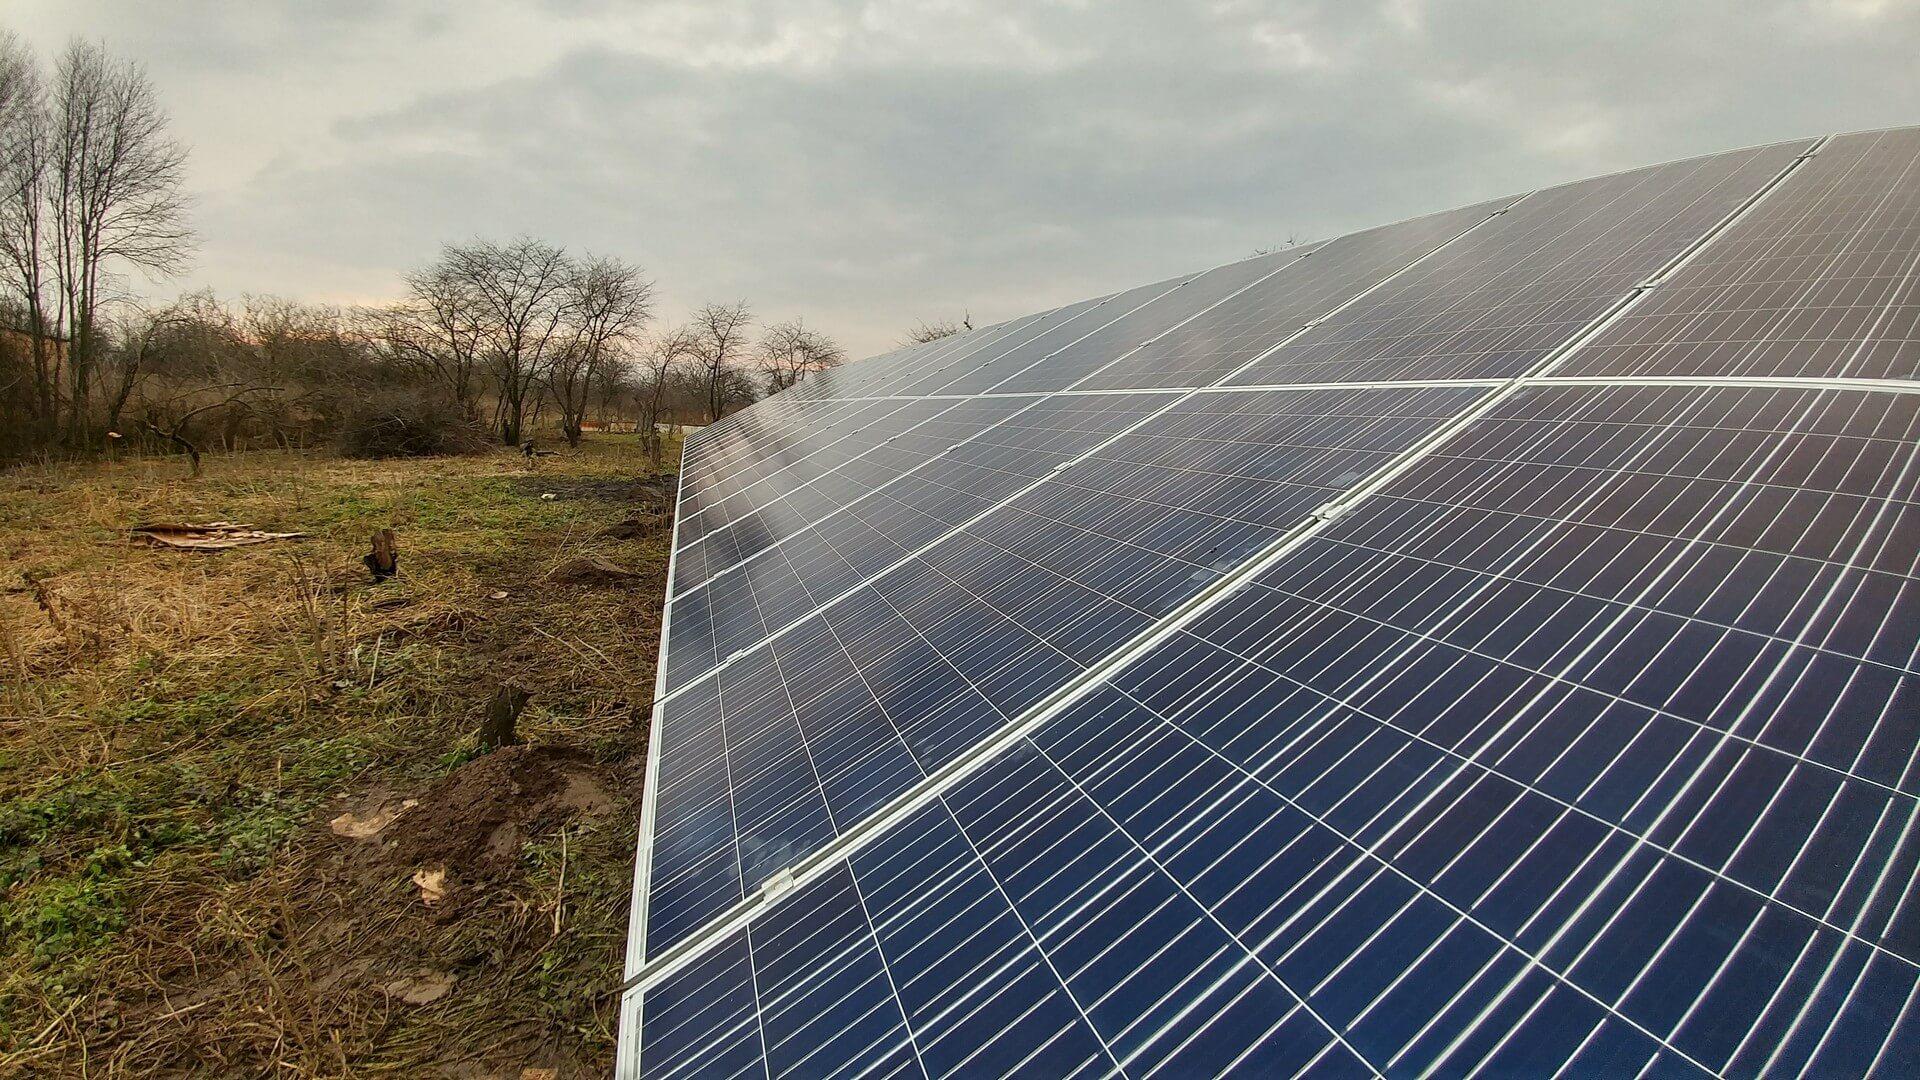 Сонячна електростанція 10кВт під зелений тариф. Миротин, Остріг 2018